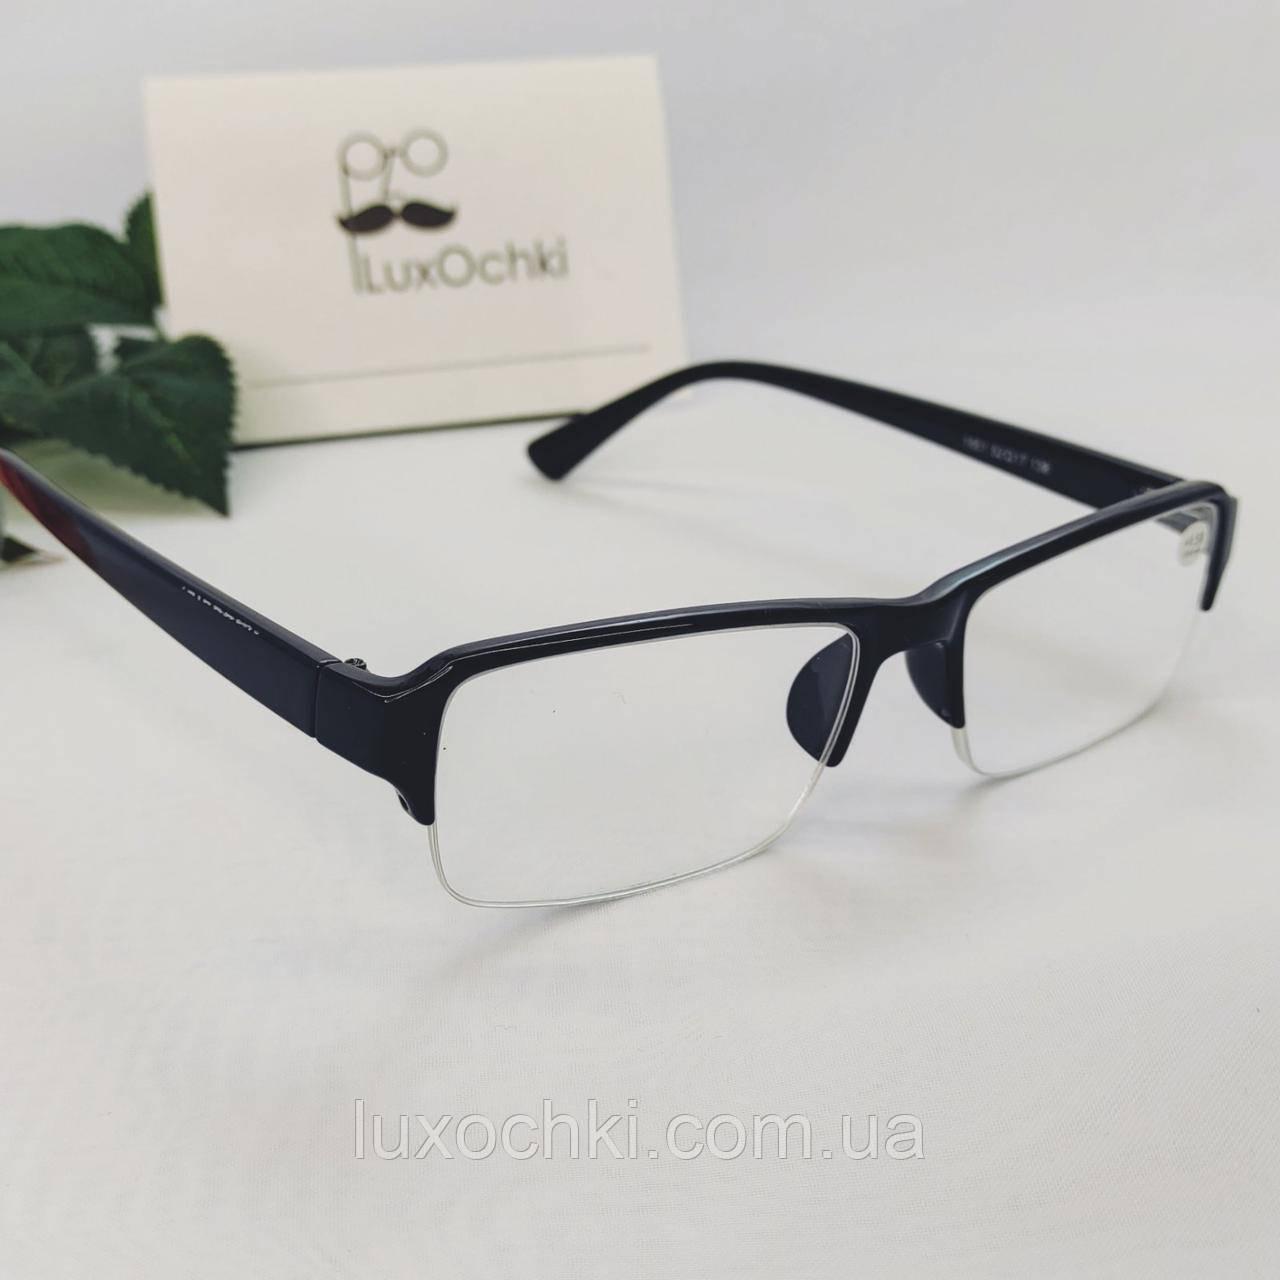 Готовые диоптрические очки  +1.5 полуободковые